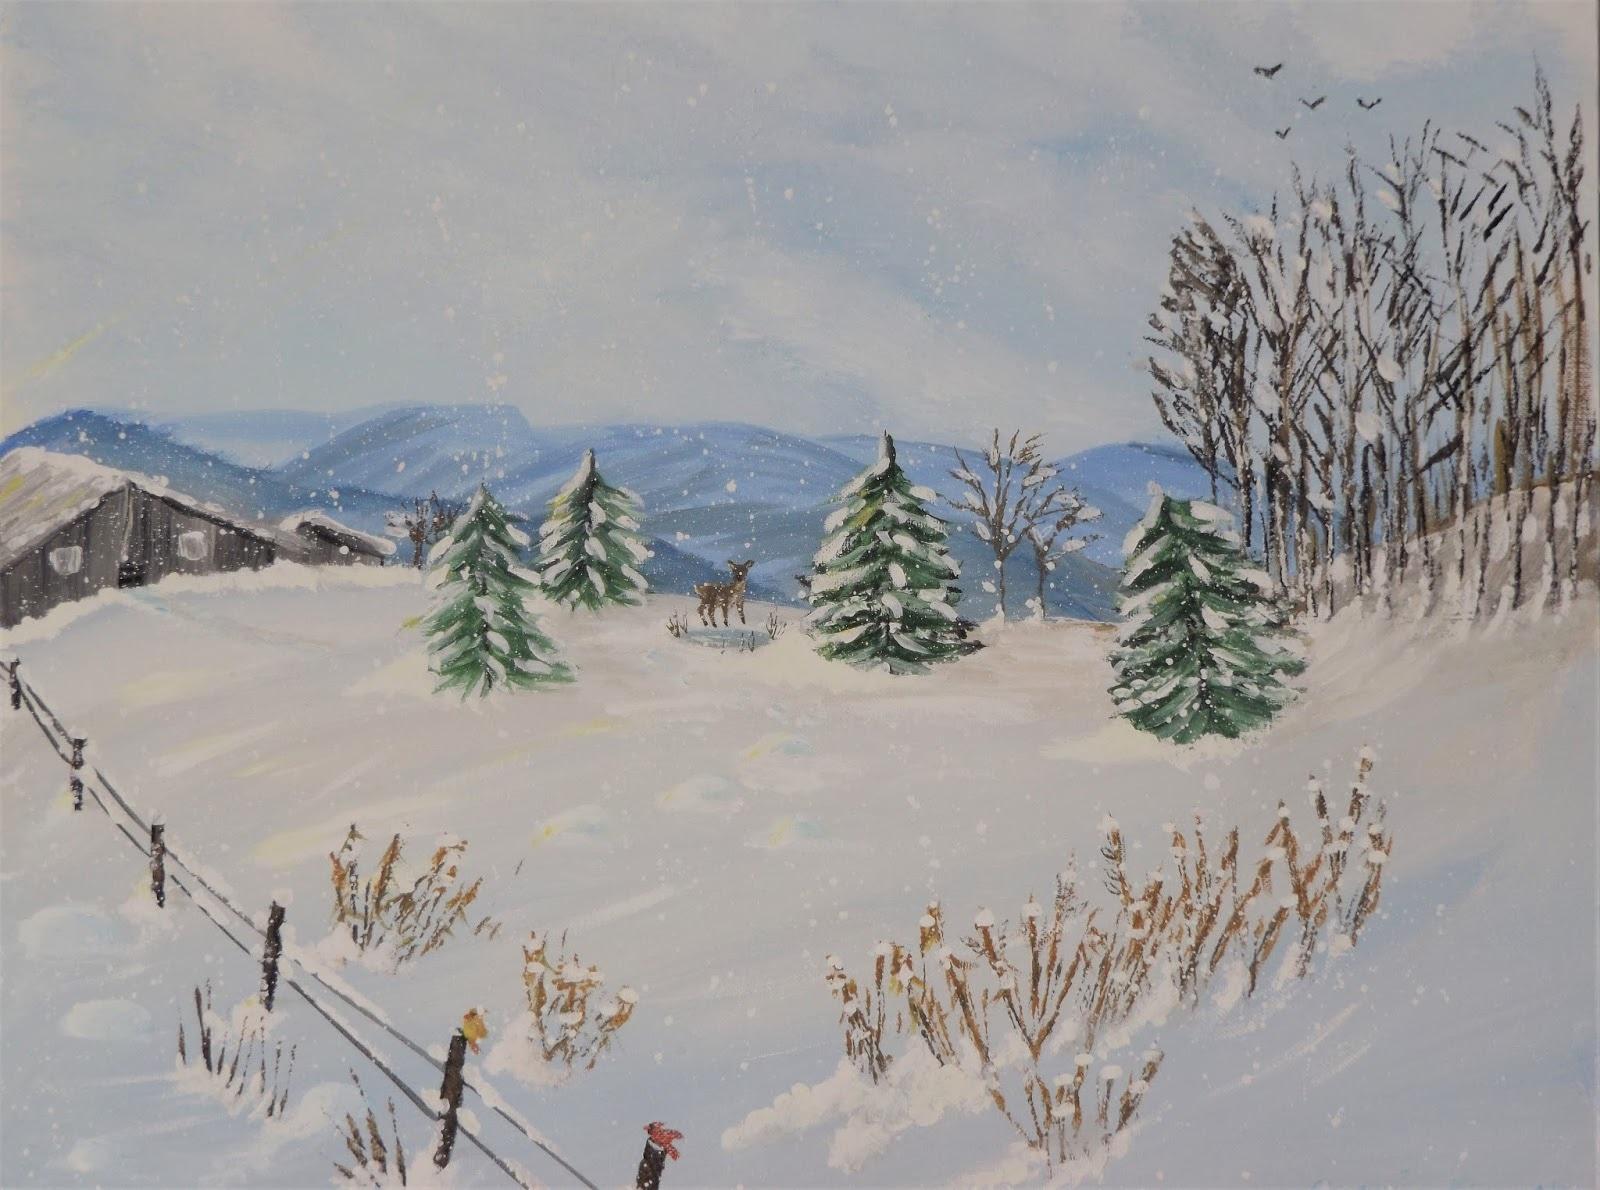 Snowy bank in winter